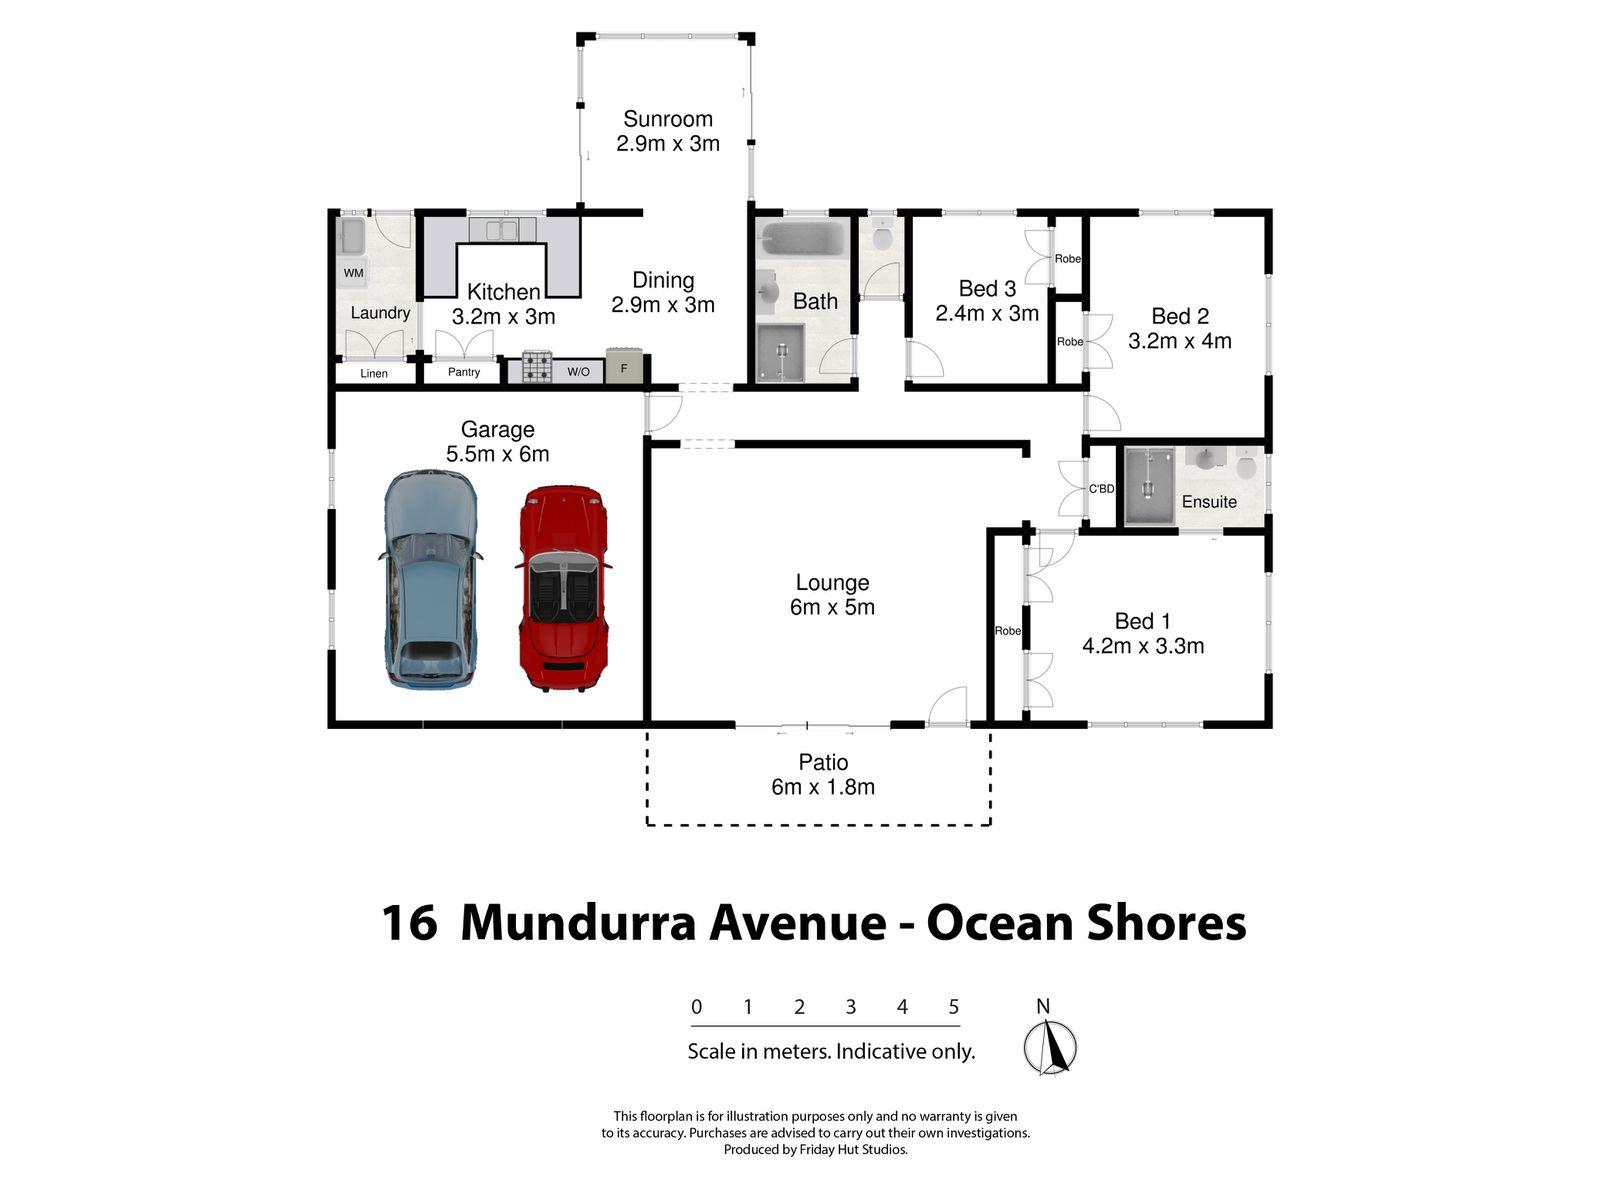 16 Mundurra Avenue, Ocean Shores